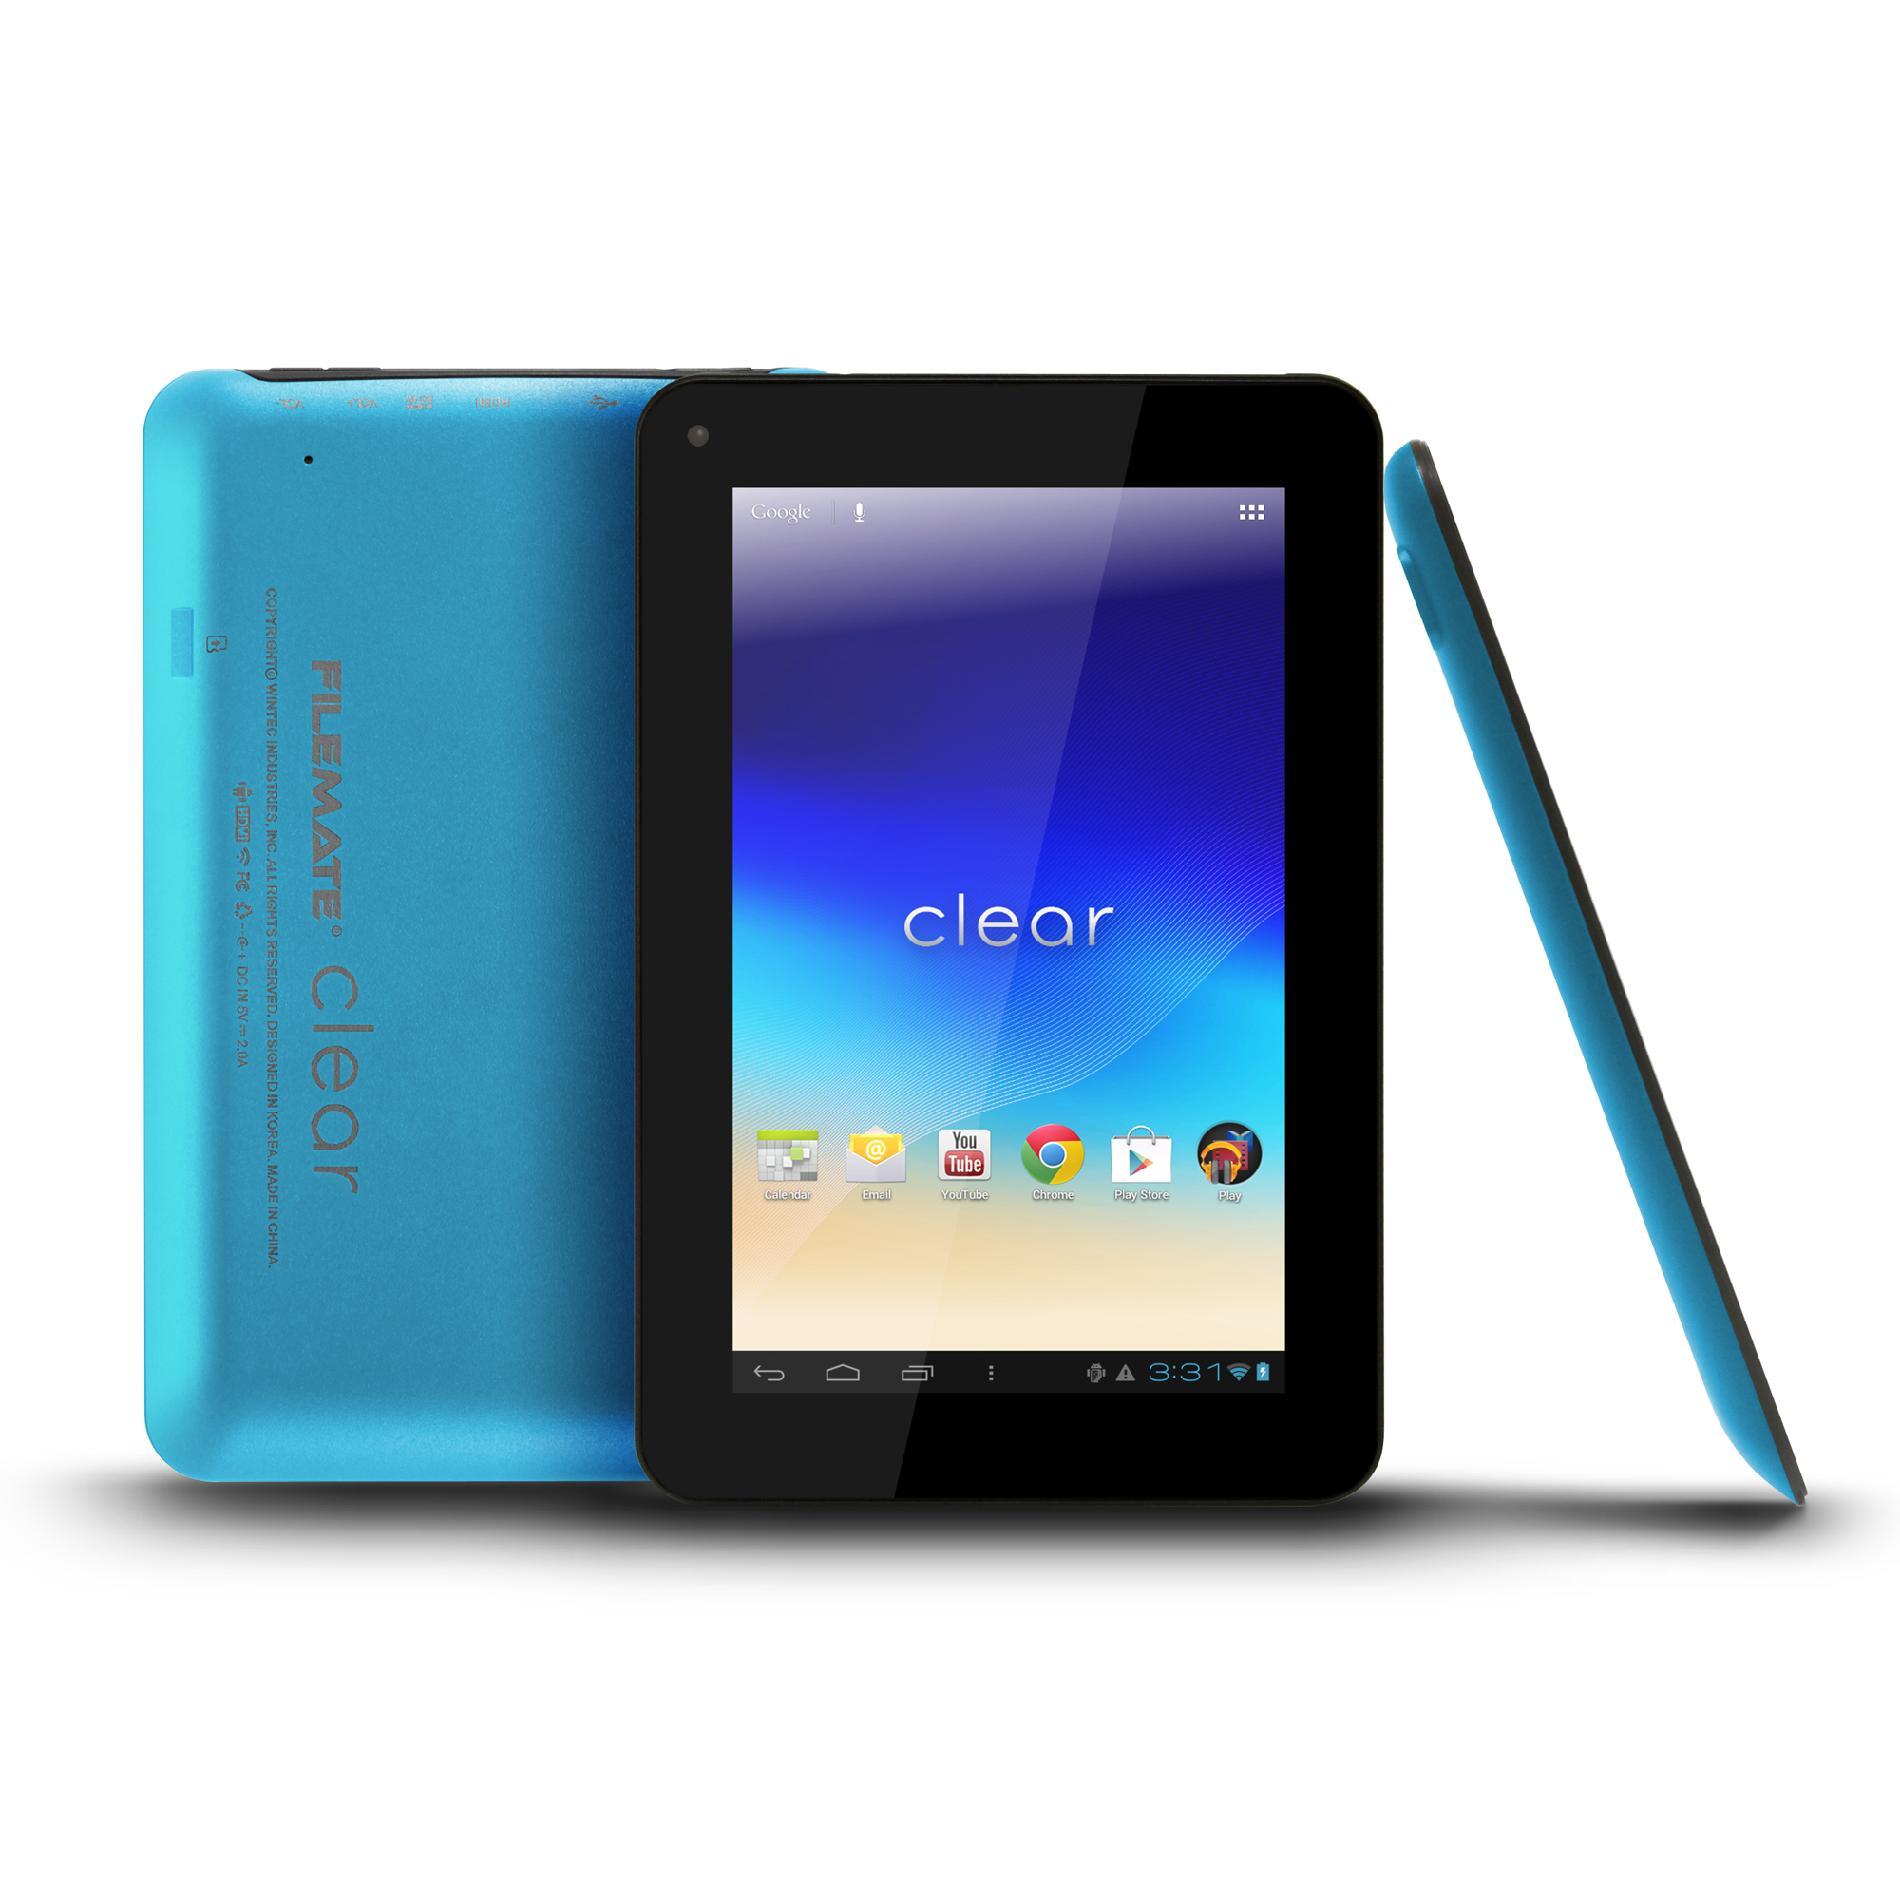 FILEMATE Filemate Clear 3FMT720BK-16G-R 7-Inch 16GB Tablet - Blue PartNumber: 00343310000P KsnValue: 00343310000 MfgPartNumber: 3FMT720BL-16G-R